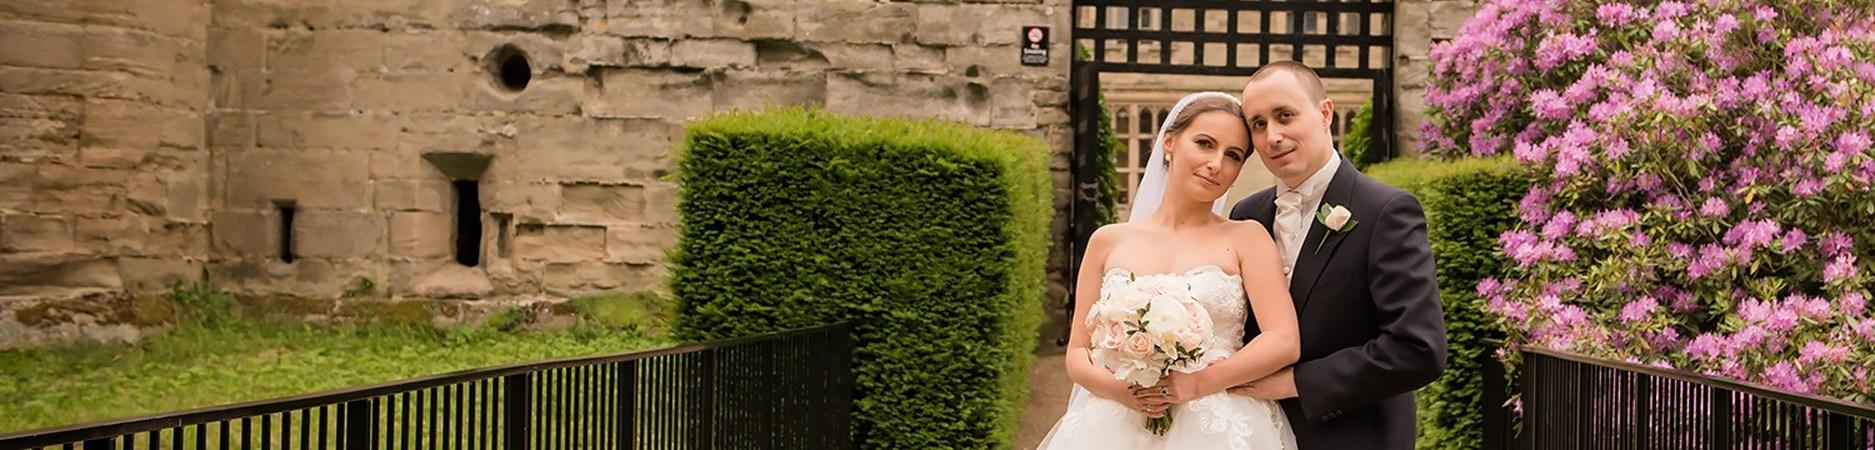 fairytale warwick castle wedding